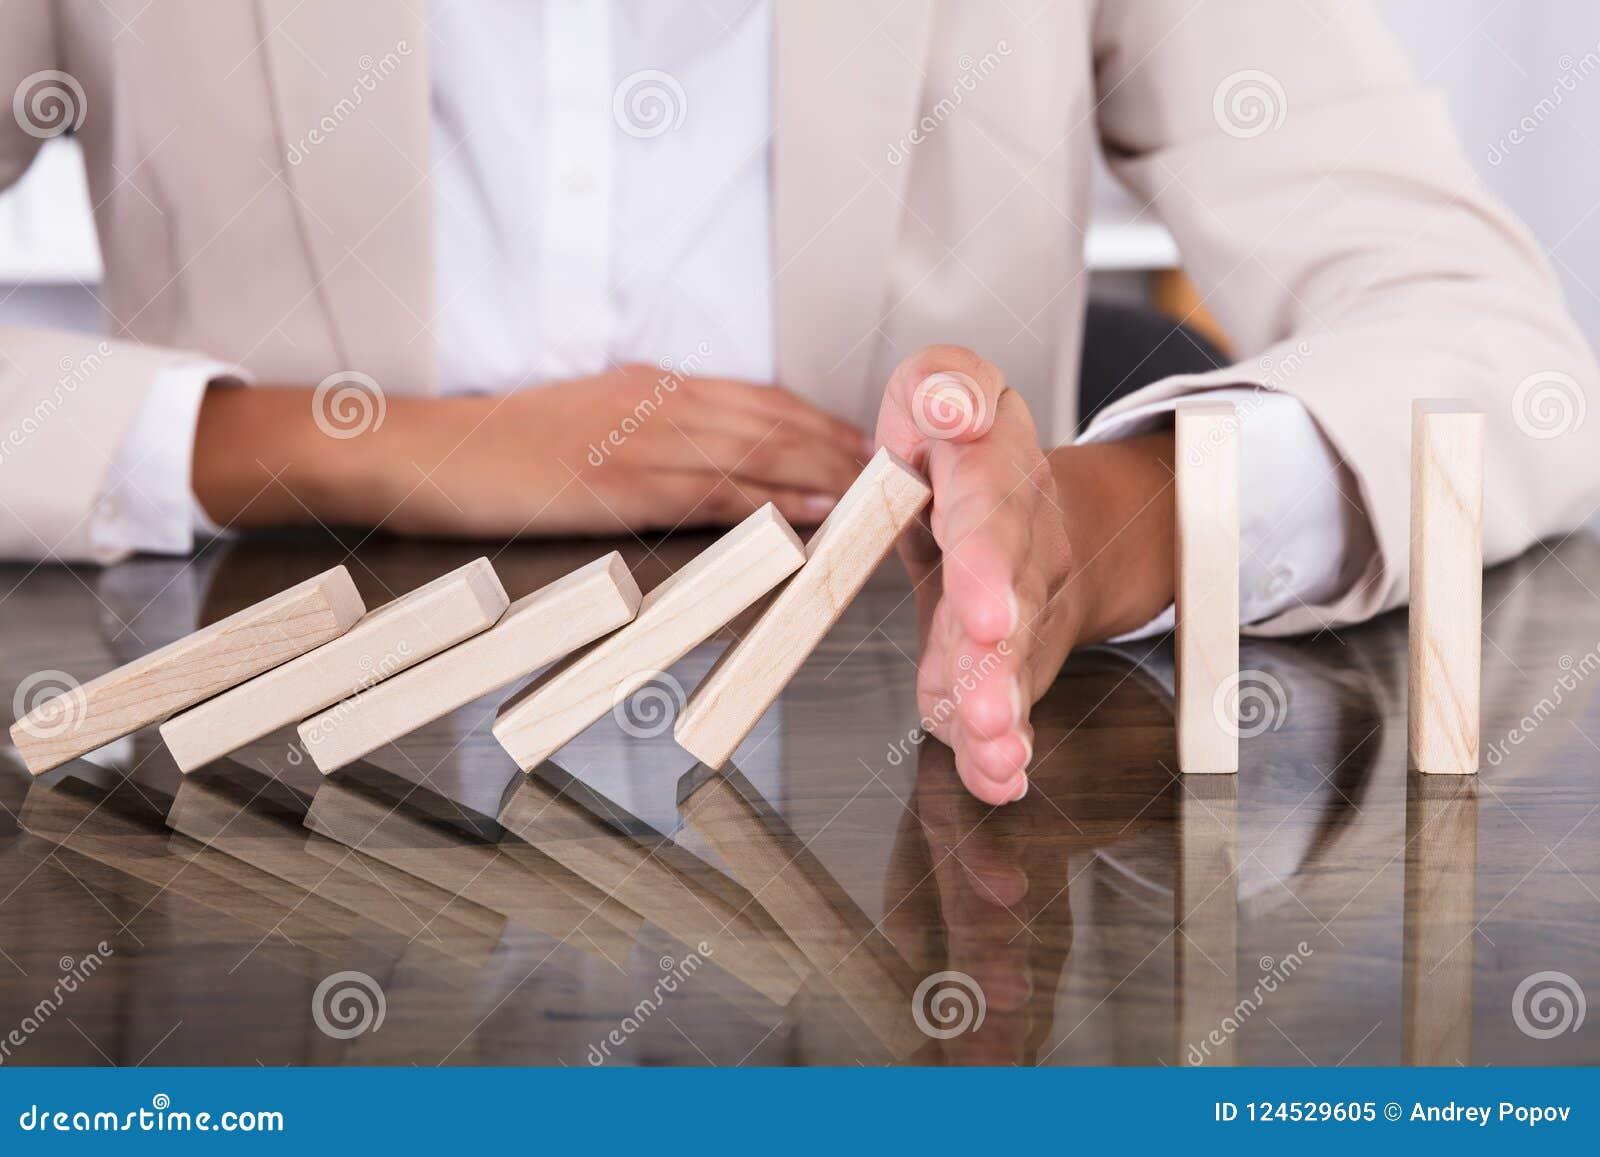 Mano que para bloques de madera de caer